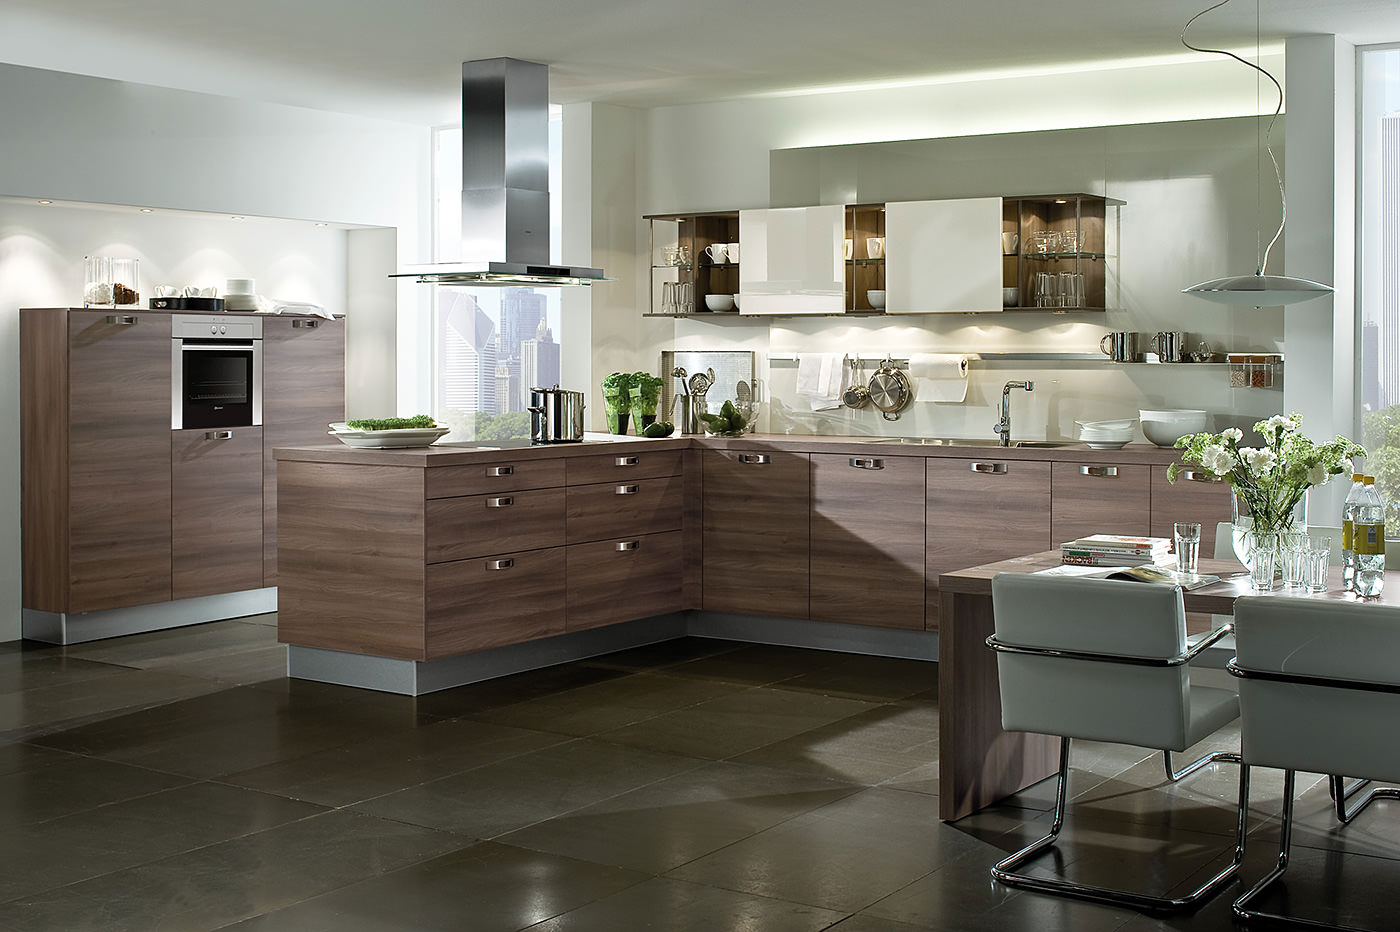 k chen in ihrer ganzen vielfalt. Black Bedroom Furniture Sets. Home Design Ideas